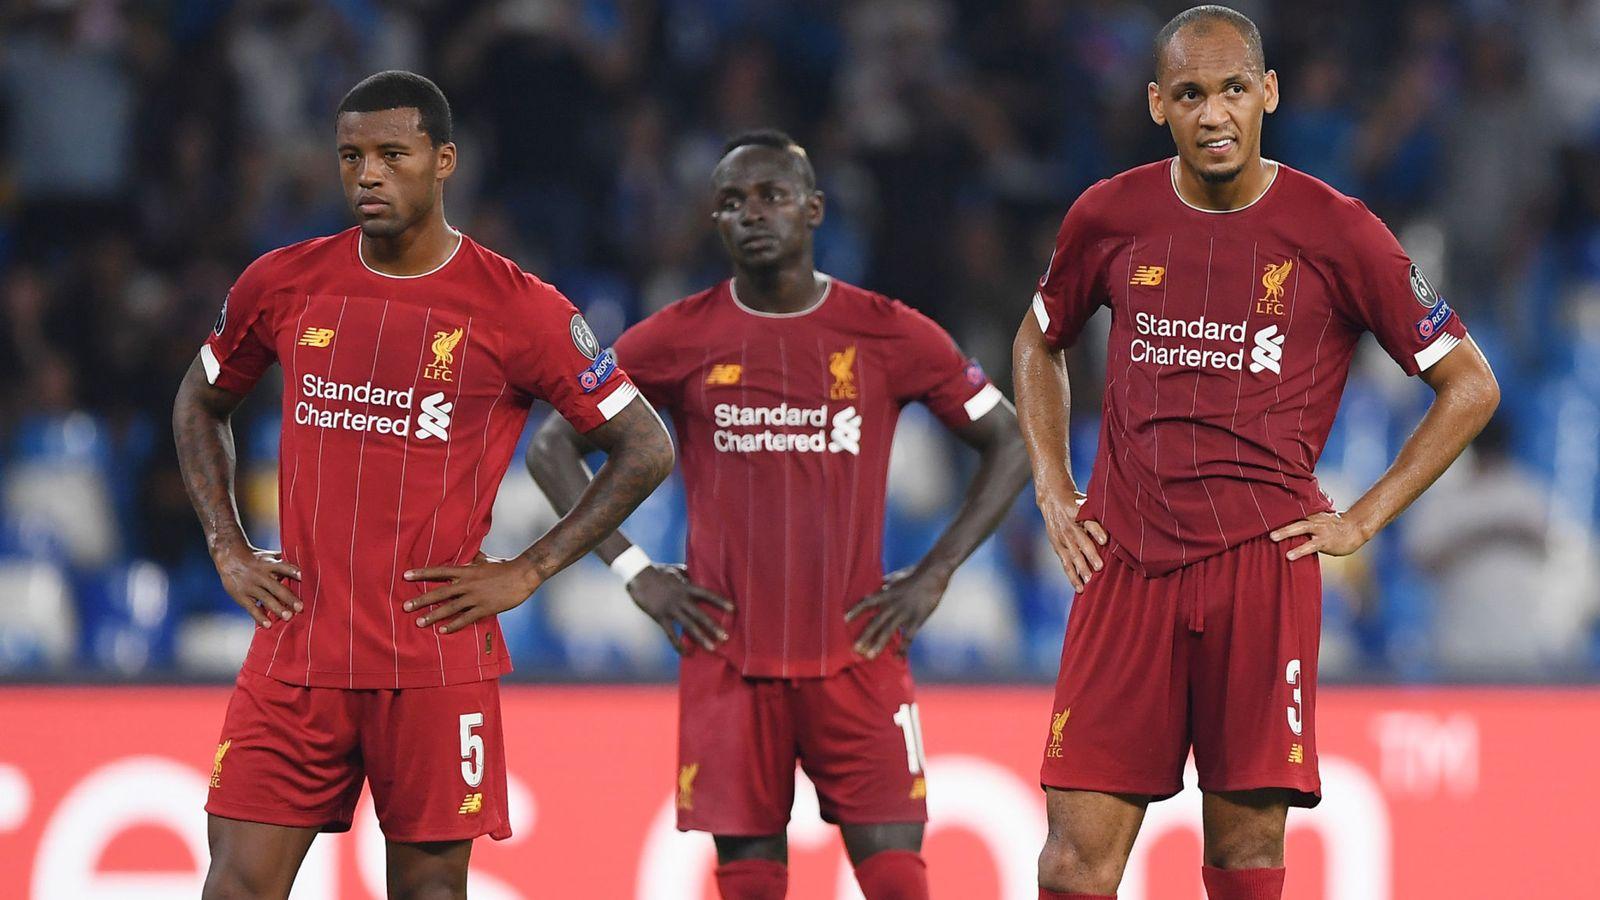 Lượt mở màn Champions League, các đại gia đều chào thua trước 2 'tân binh' - Bóng Đá